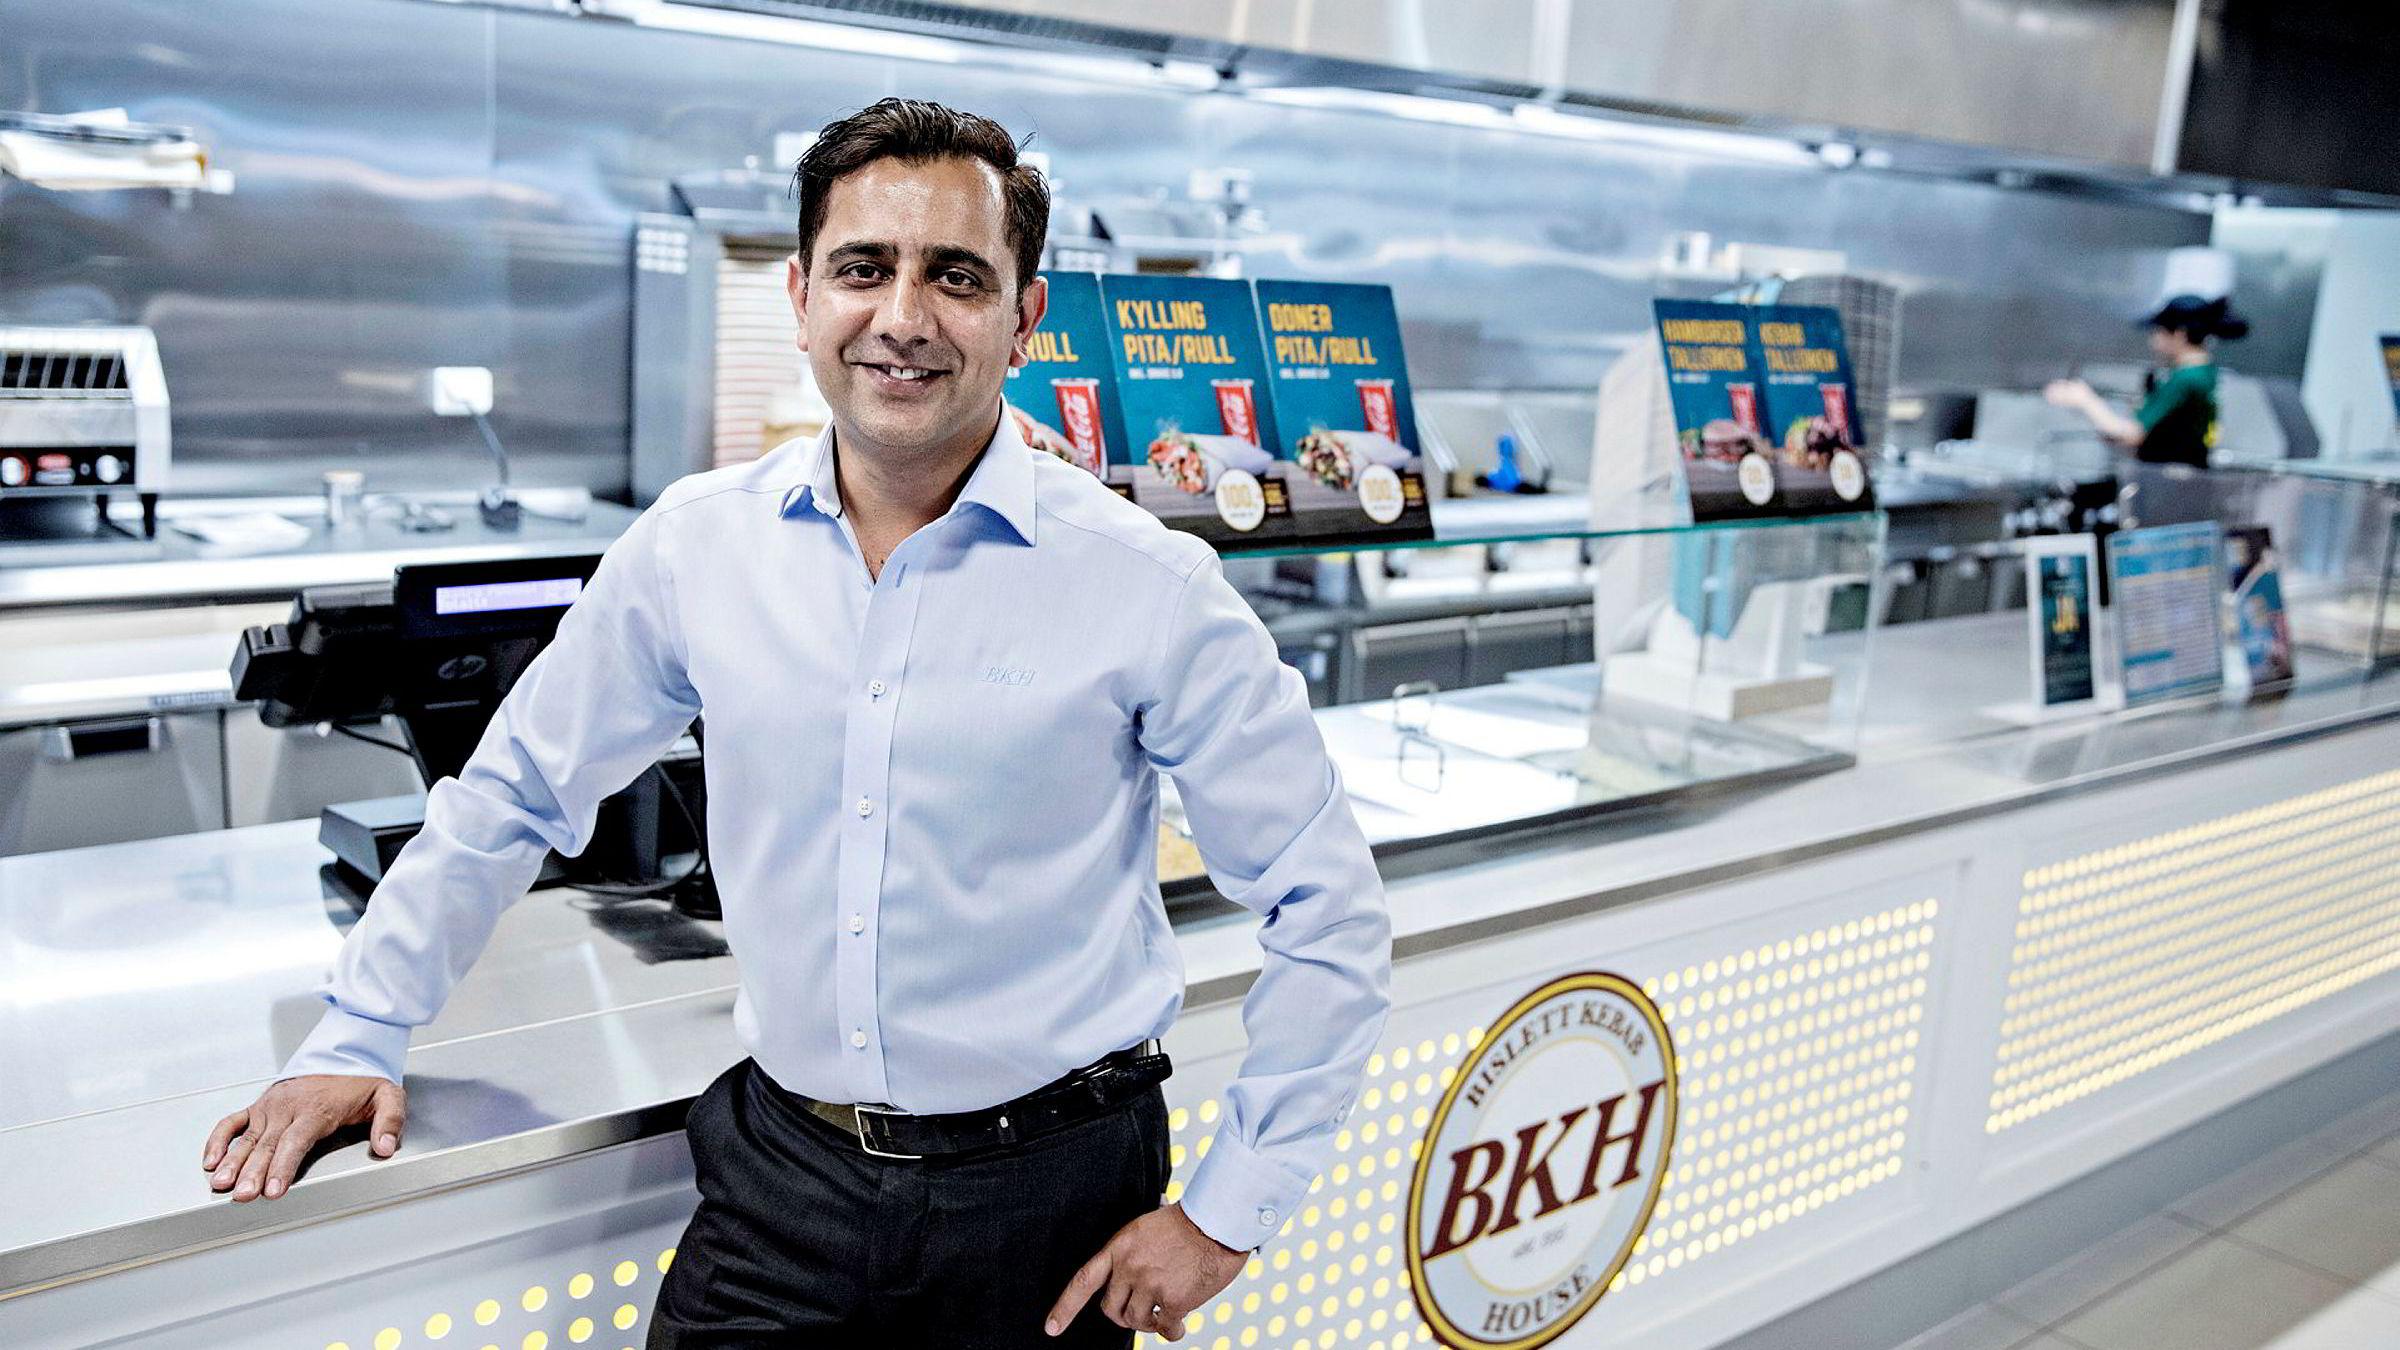 – Vårt mål på lang sikt er å bli en ledende kebabkjede på landsbasis, sier gründer og styreleder Tariq Aziz i Bislett Kebab House (BKH). Her er han ved kebabkjedens spisested på Kalbakken i Oslo.